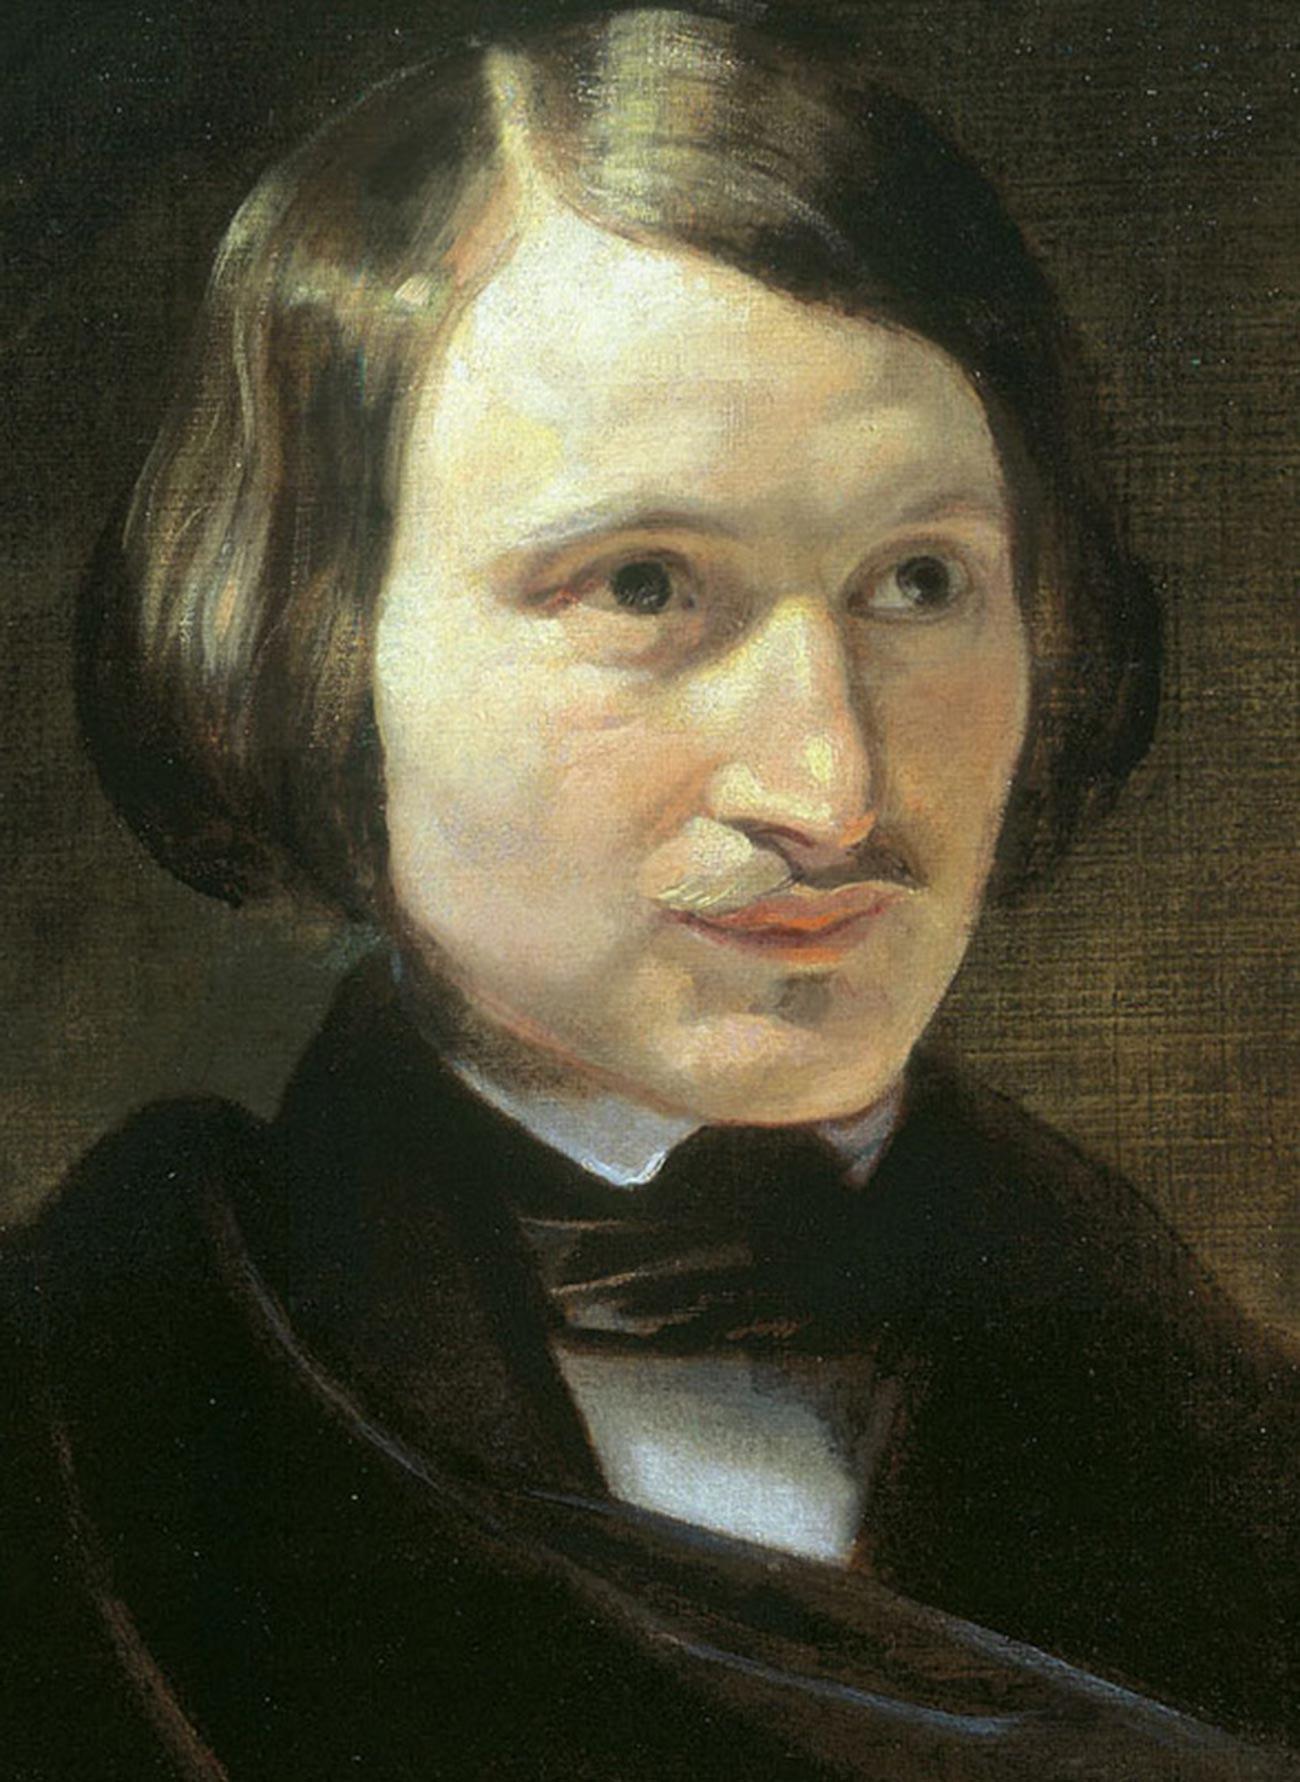 Porträt von Nikolai Gogol von Otto Friedrich Theodor von Möller.